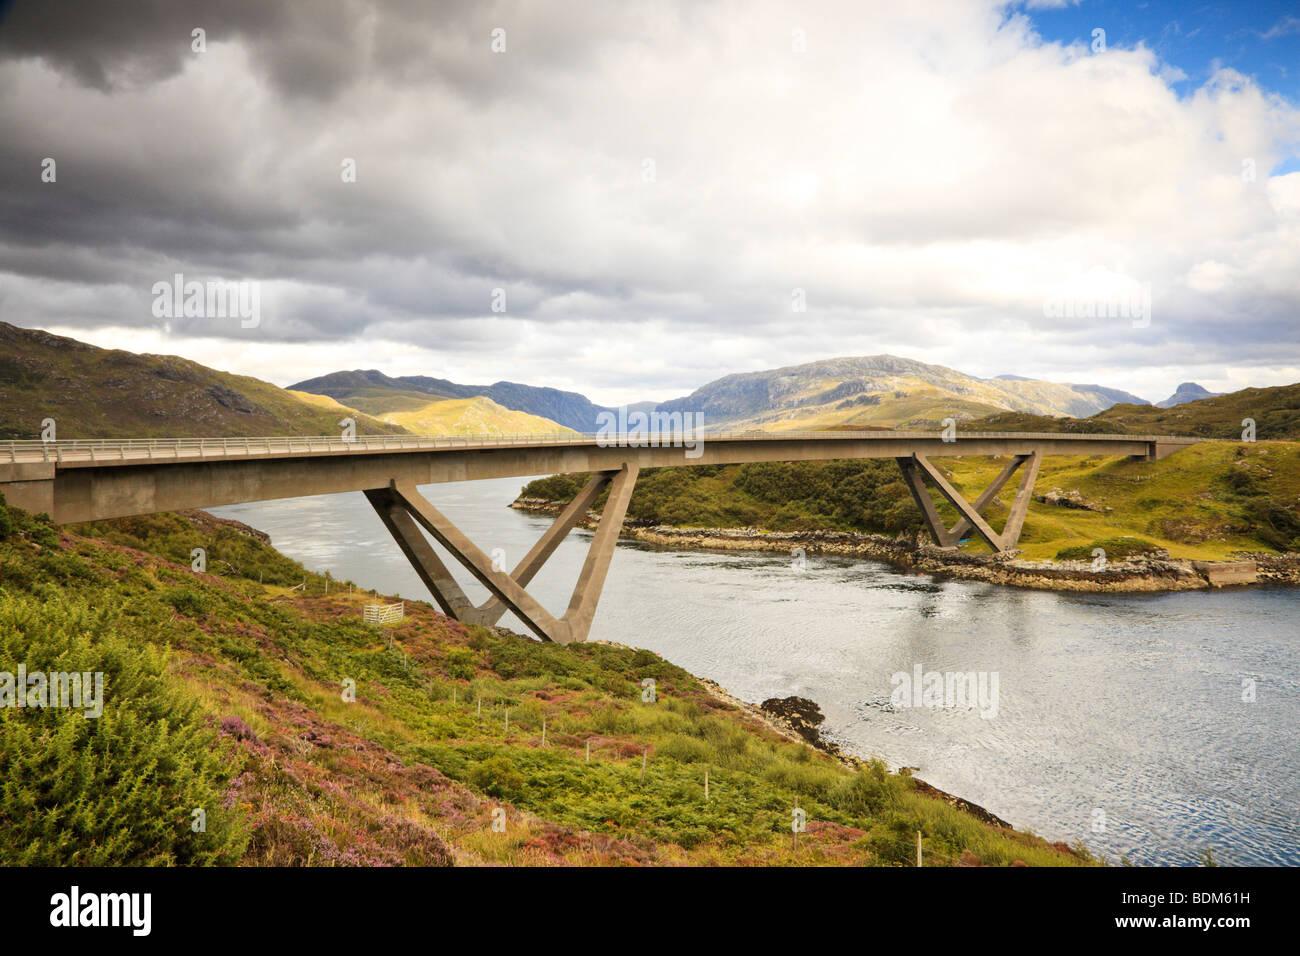 kylesku-bridge-over-loch-a-chairn-bhain-